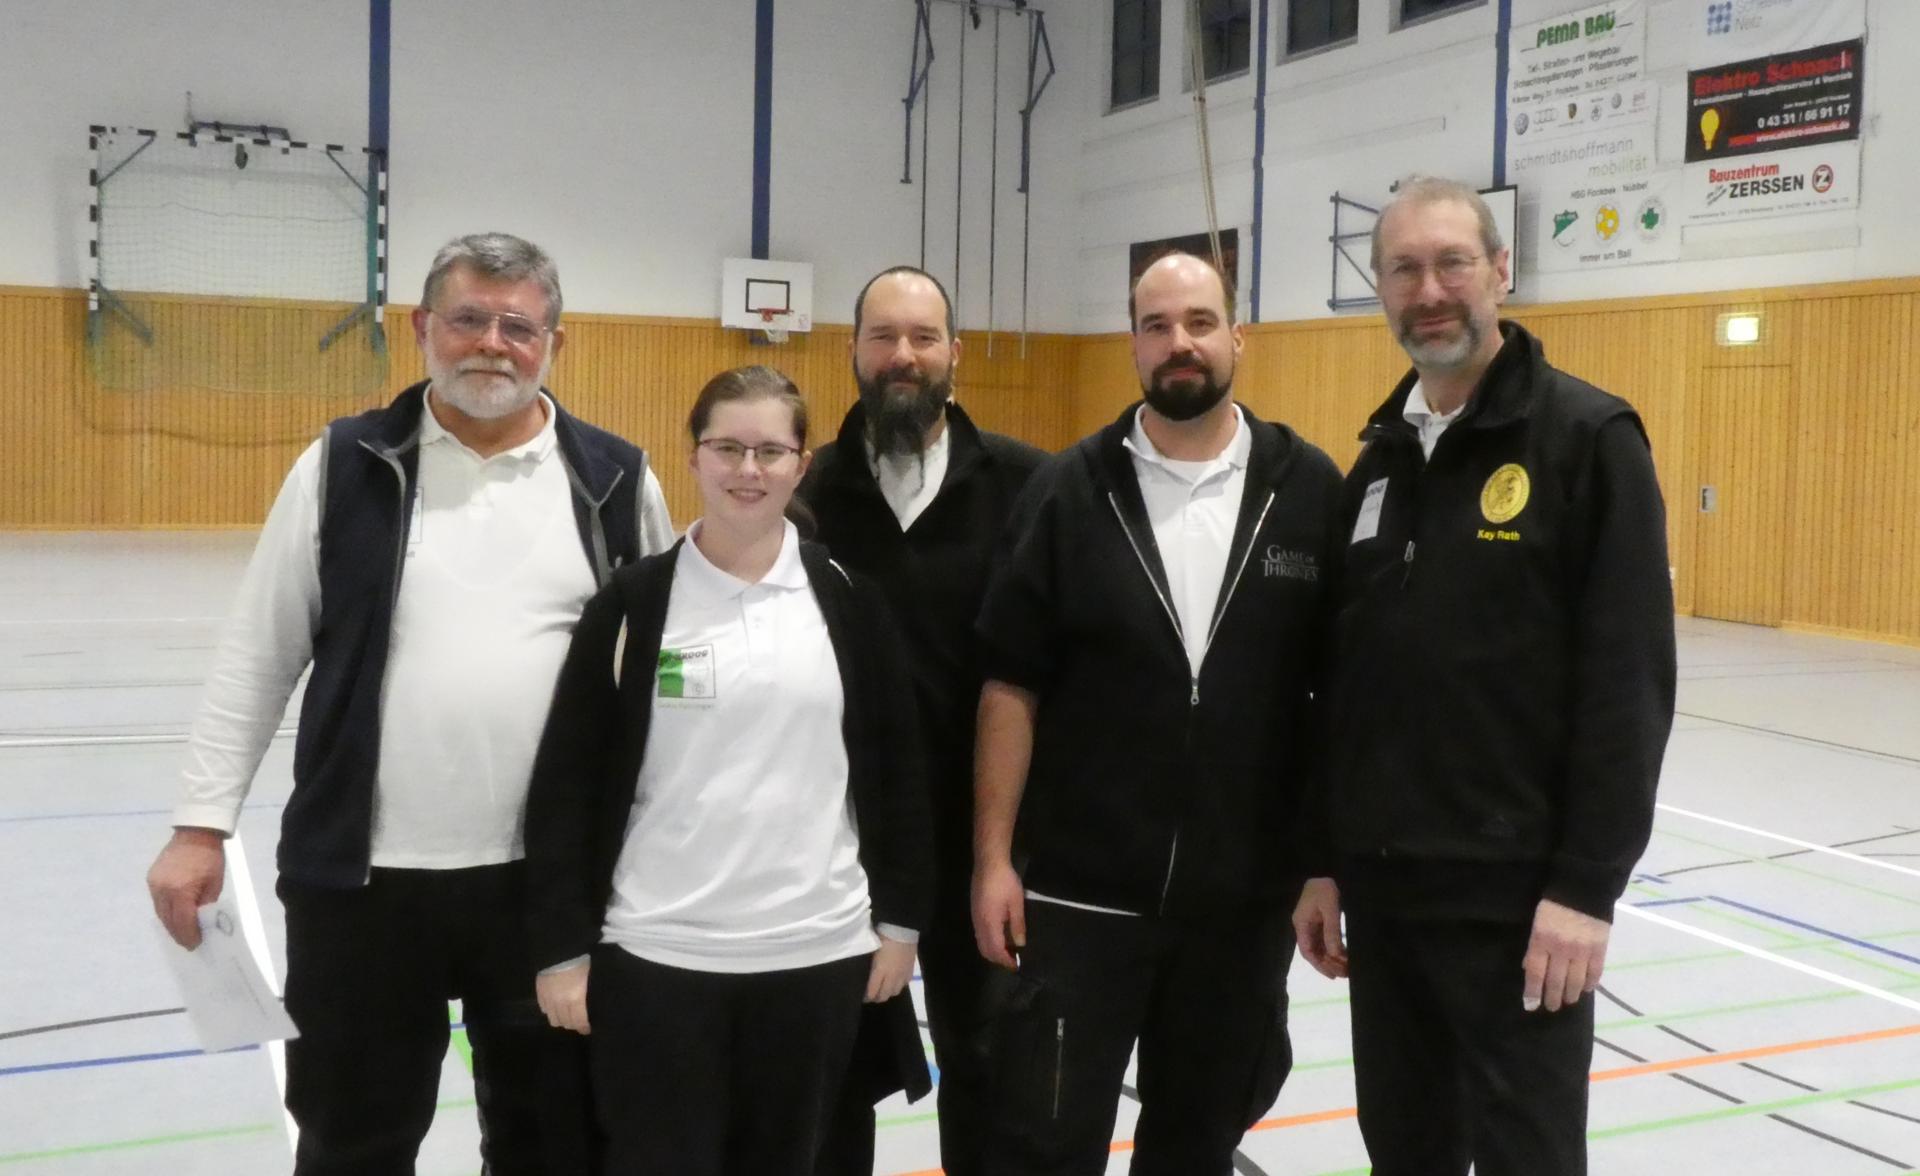 Teilnehmer TSV Kroog